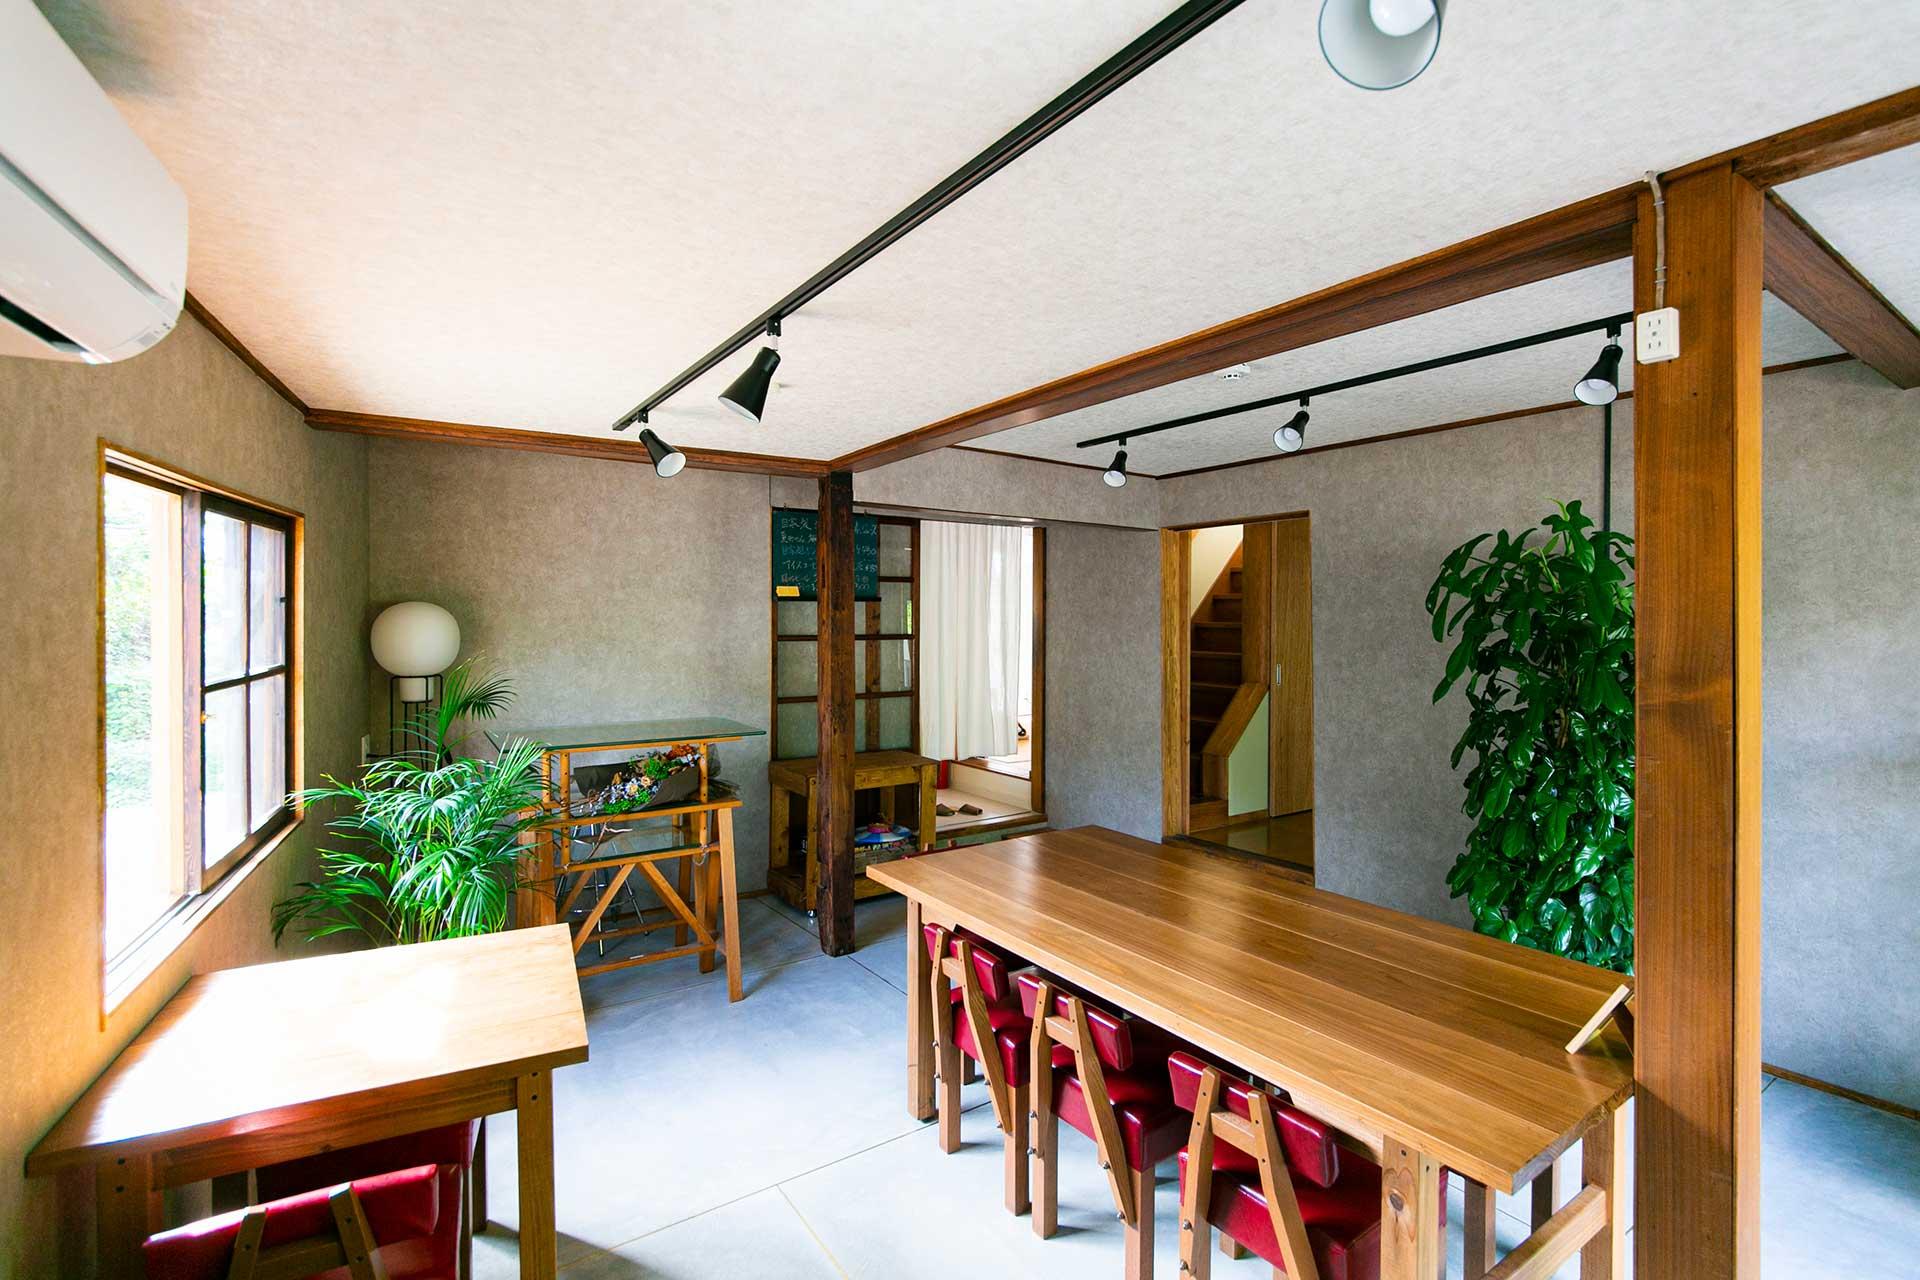 カフェラウンジは宿泊者にとっては朝食を楽しむ空間であり、一方で、一般にも開放しているため、地域の人々との交流が生まれる場としても機能している。